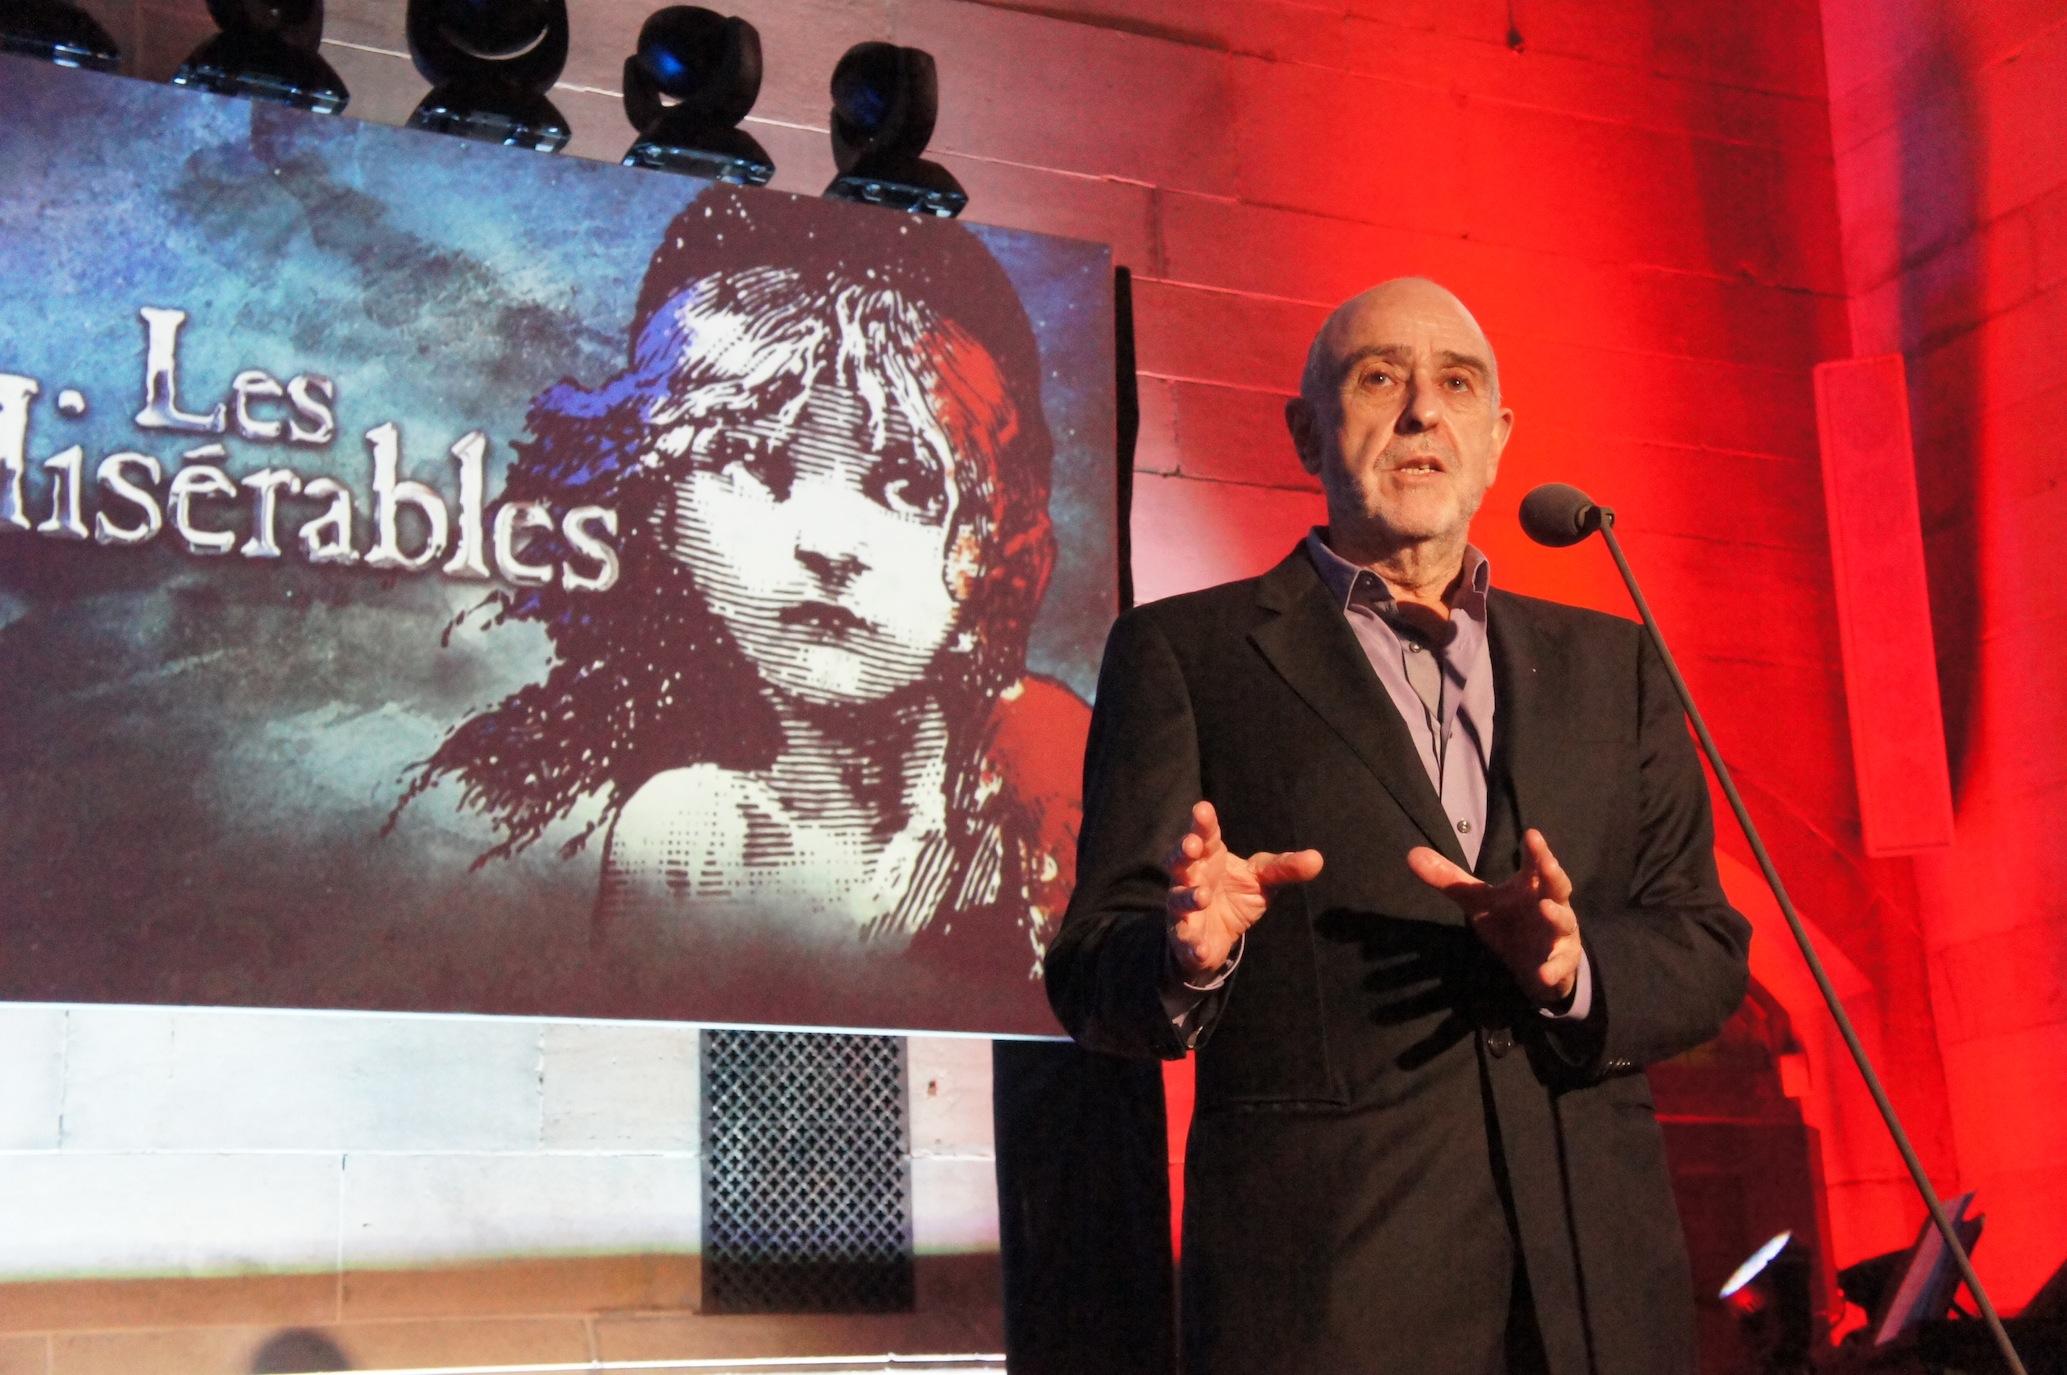 Les Misérables 2014 Melbourne Cast Announced – Simon Parris